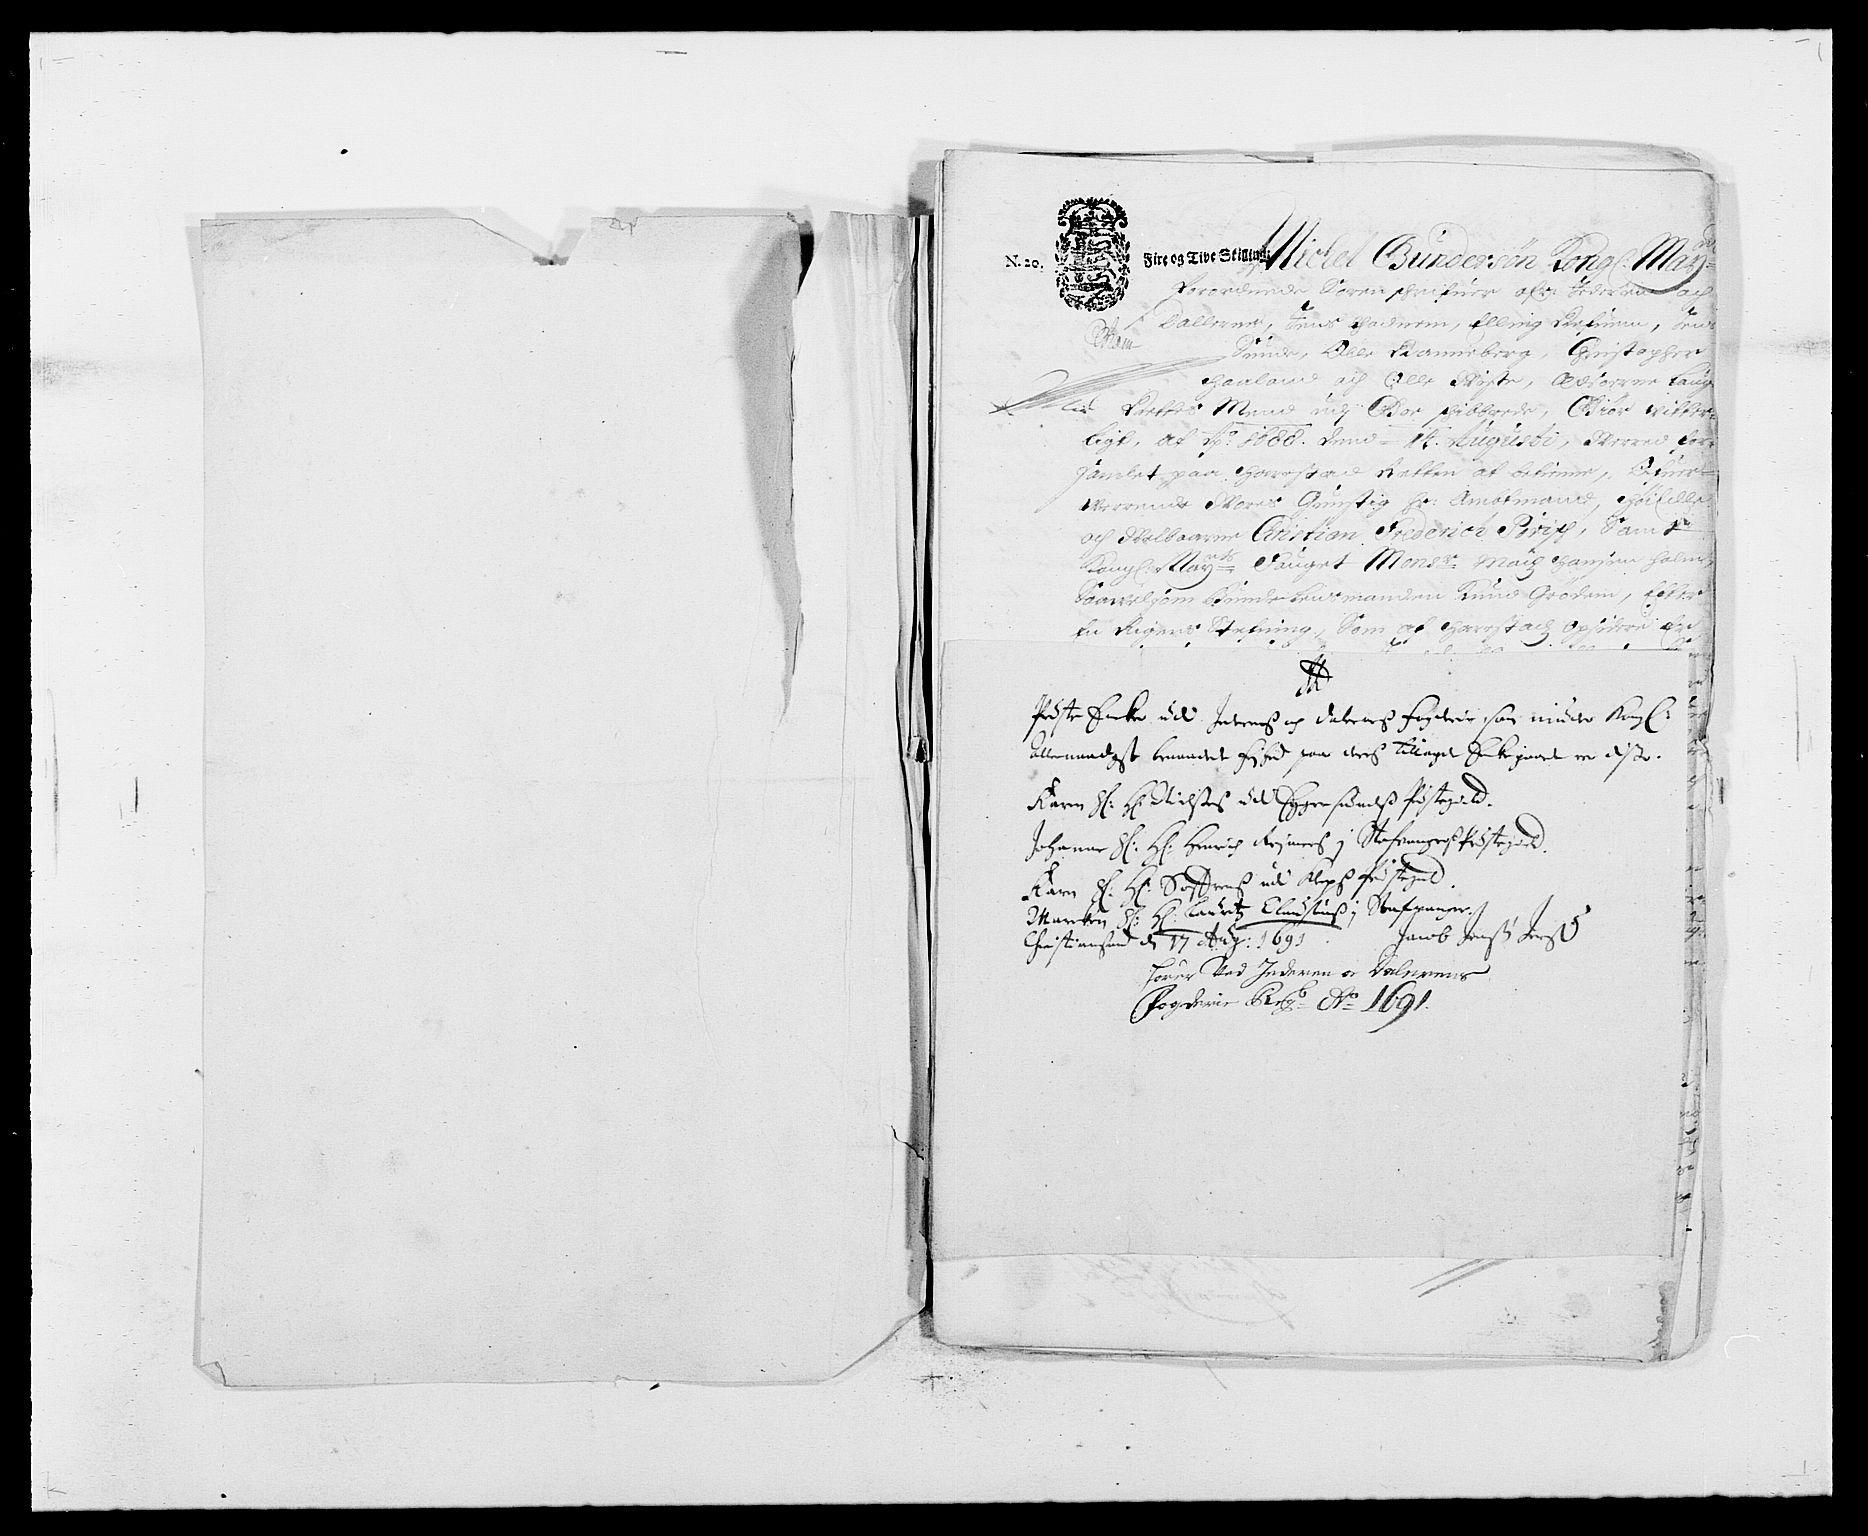 RA, Rentekammeret inntil 1814, Reviderte regnskaper, Fogderegnskap, R46/L2727: Fogderegnskap Jæren og Dalane, 1690-1693, s. 129